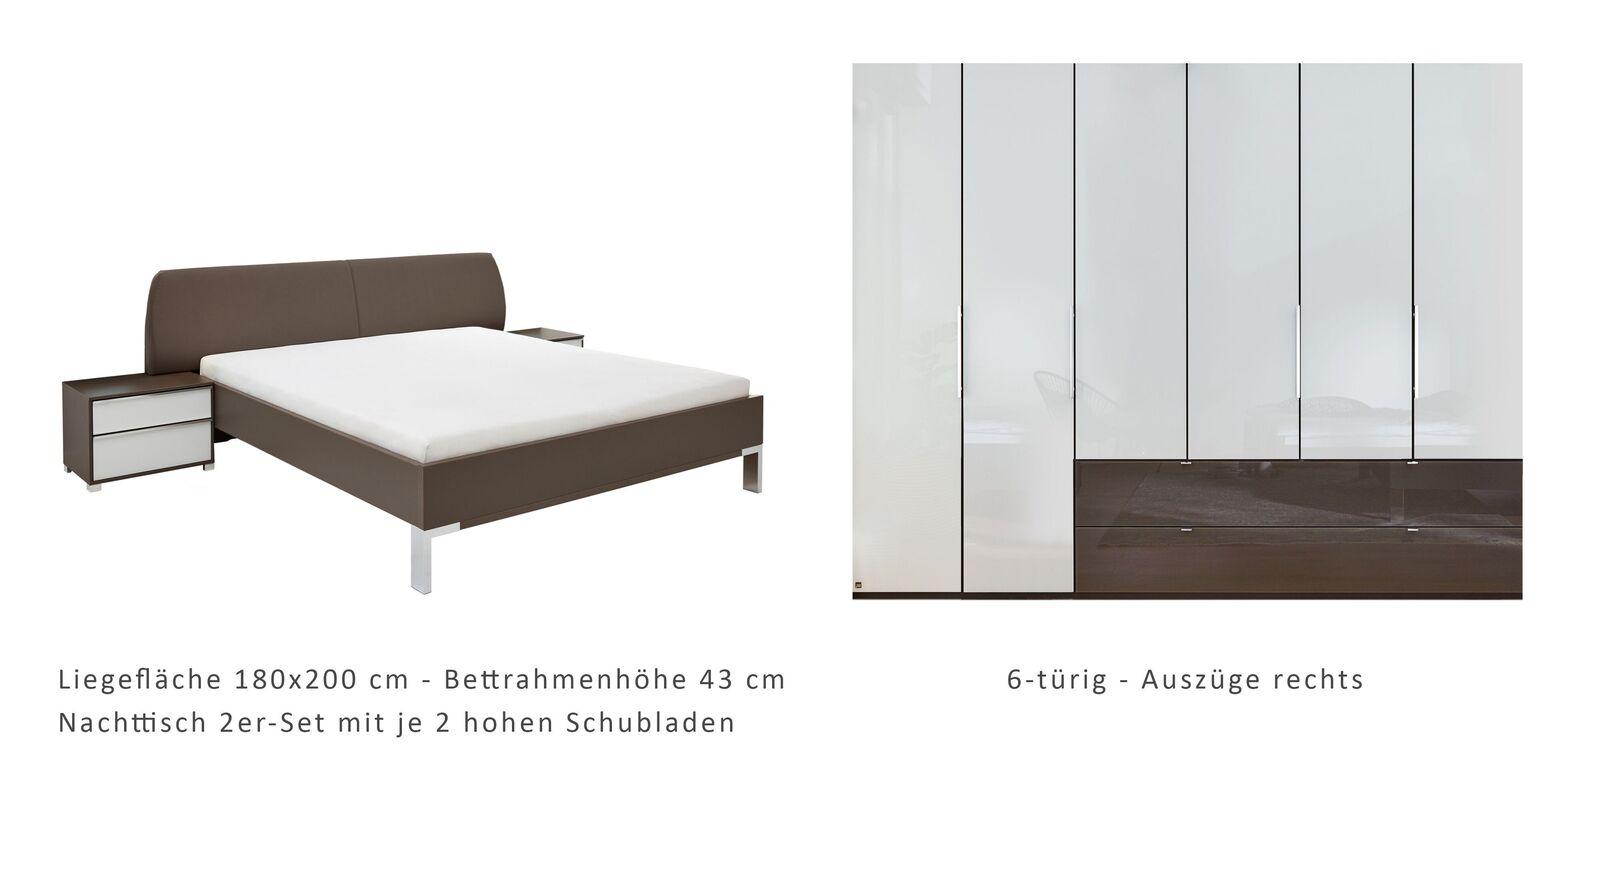 INTERLIVING Schlaftimmer 1006 Variante 03